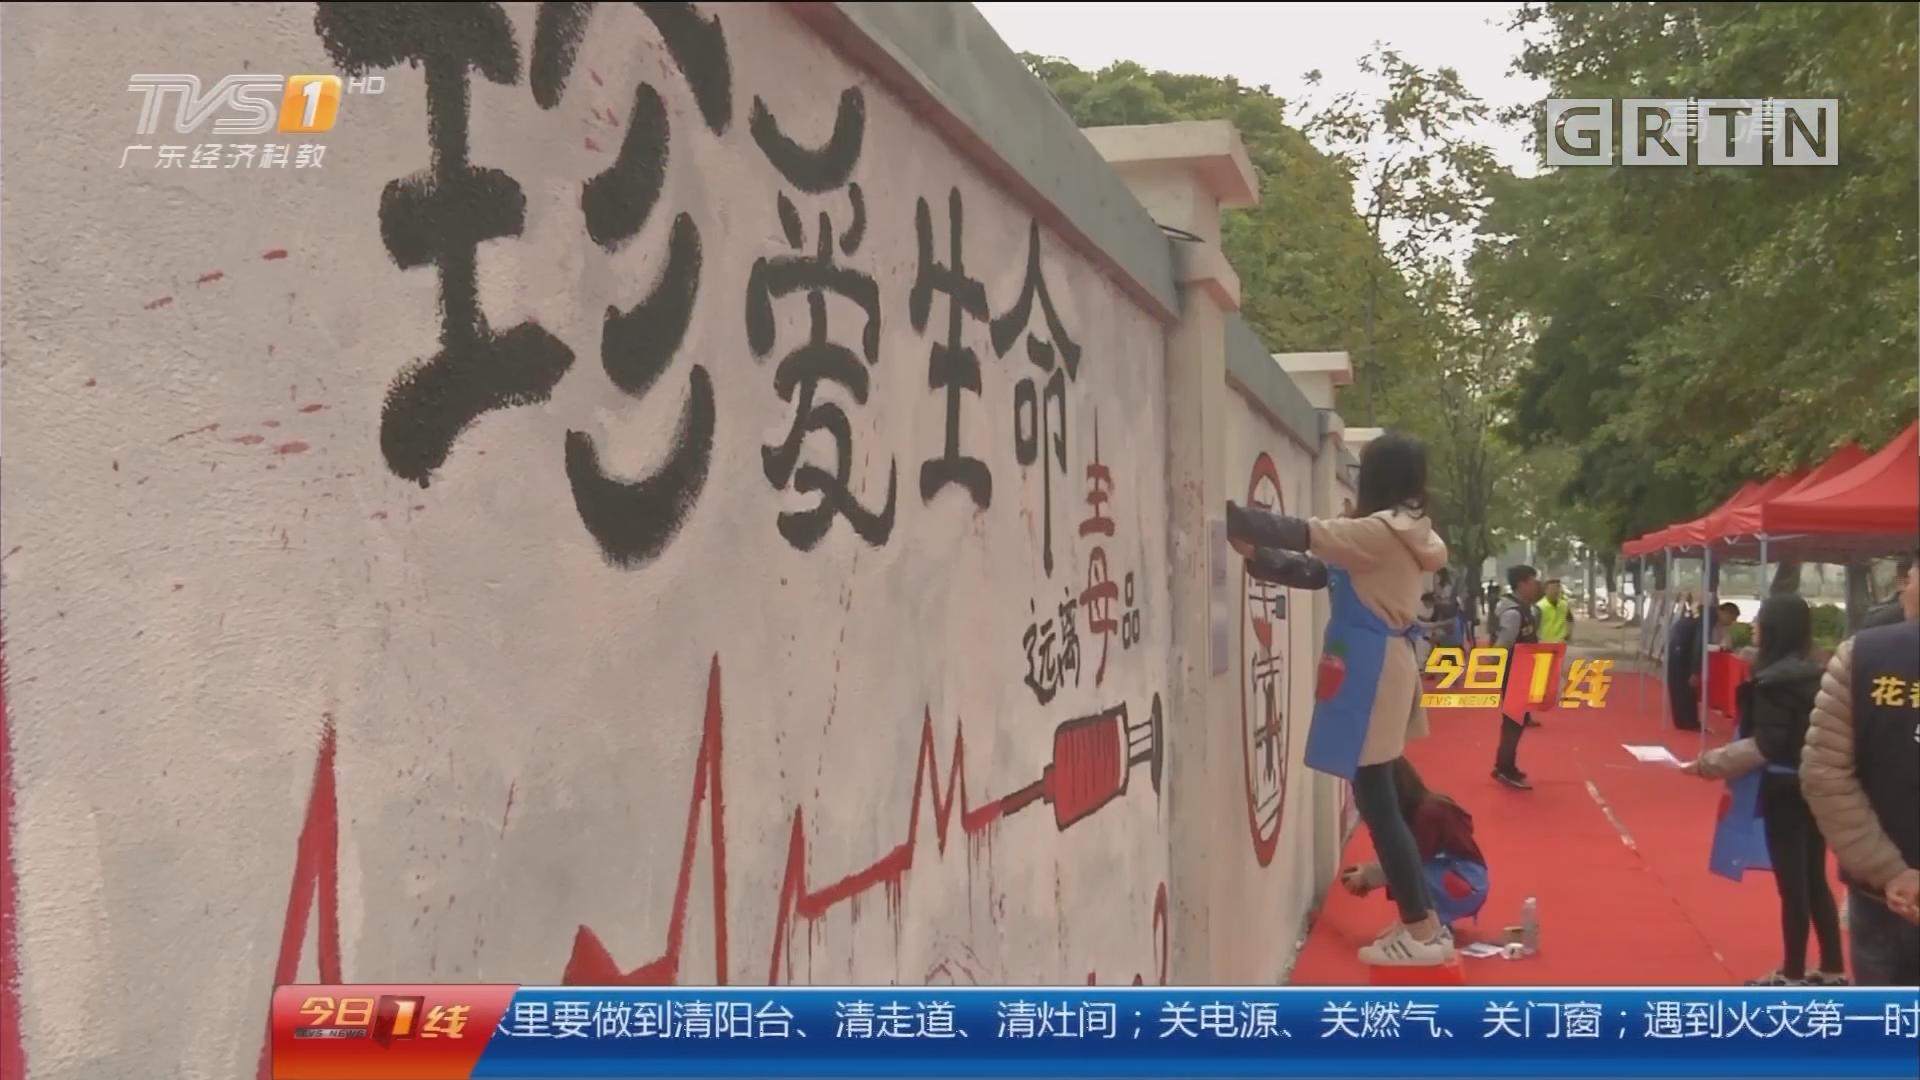 广州花都区:围墙上创意涂鸦 有趣的禁毒宣传